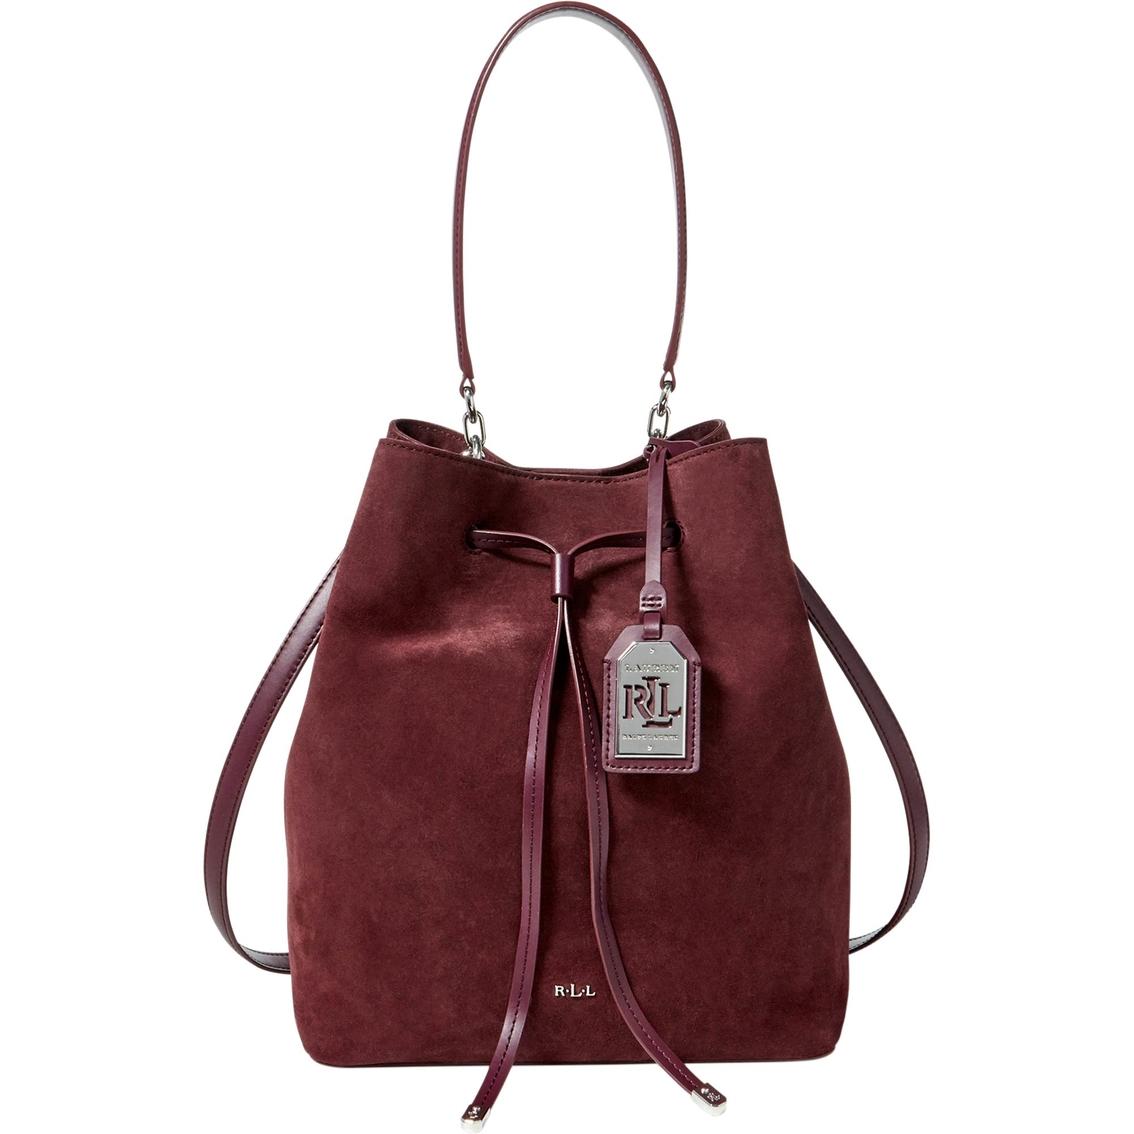 19f685de59 Lauren Ralph Lauren Dryden Debby Drawstring Bag